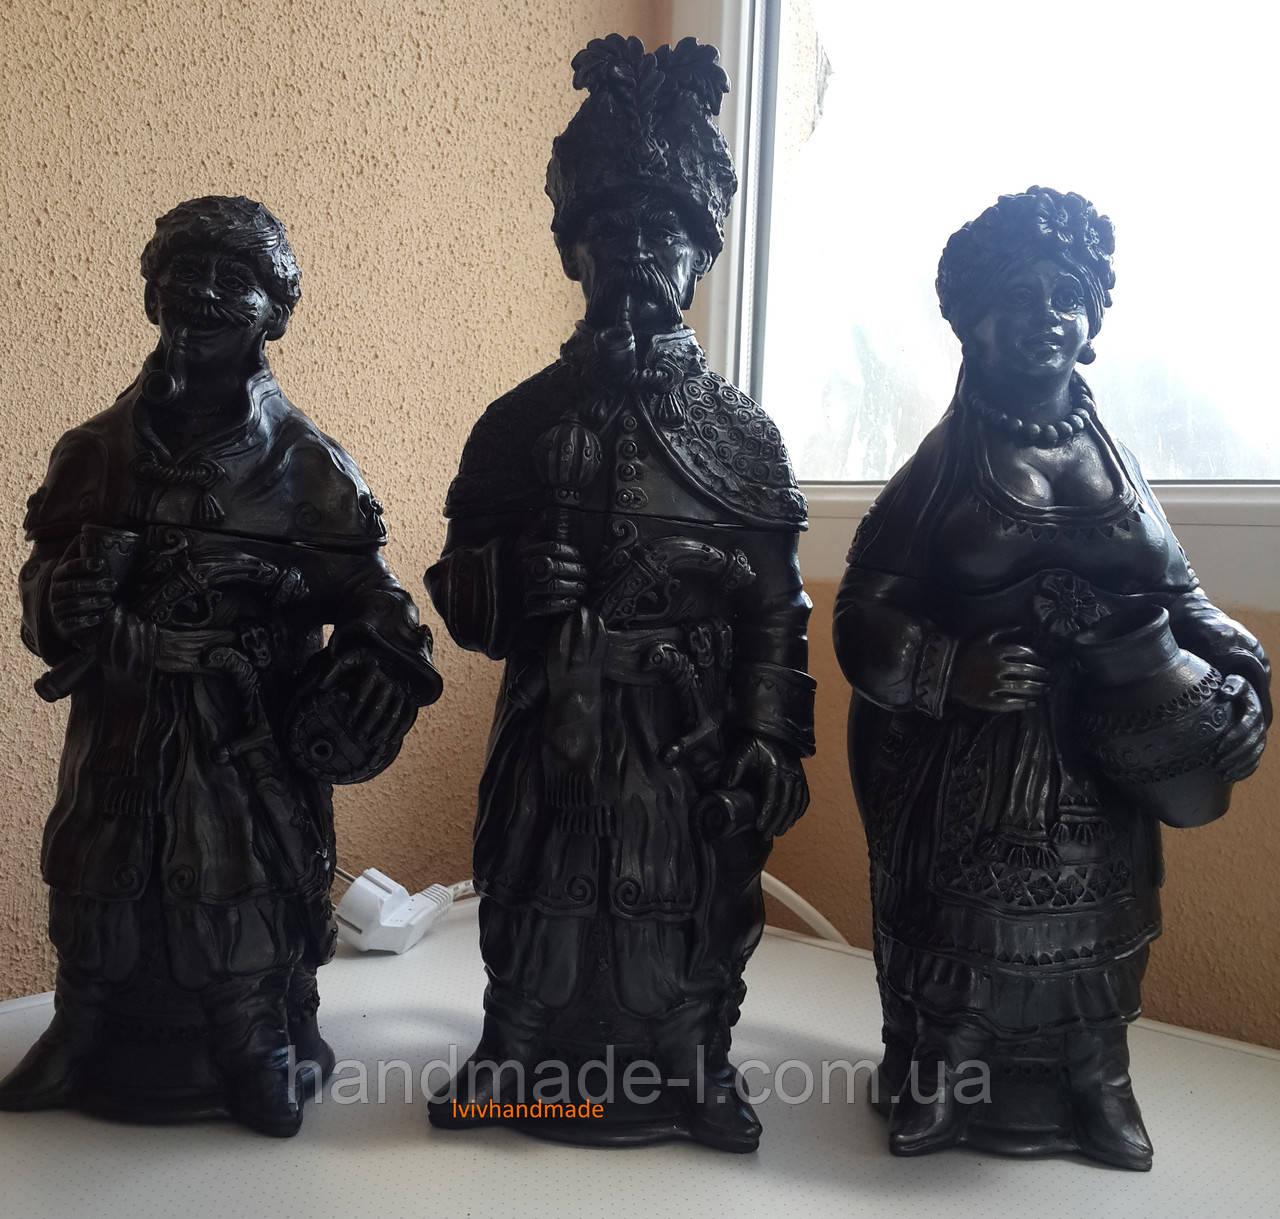 Фігури керамічні (келихи) ручної роботи з чорнодимленої кераміки